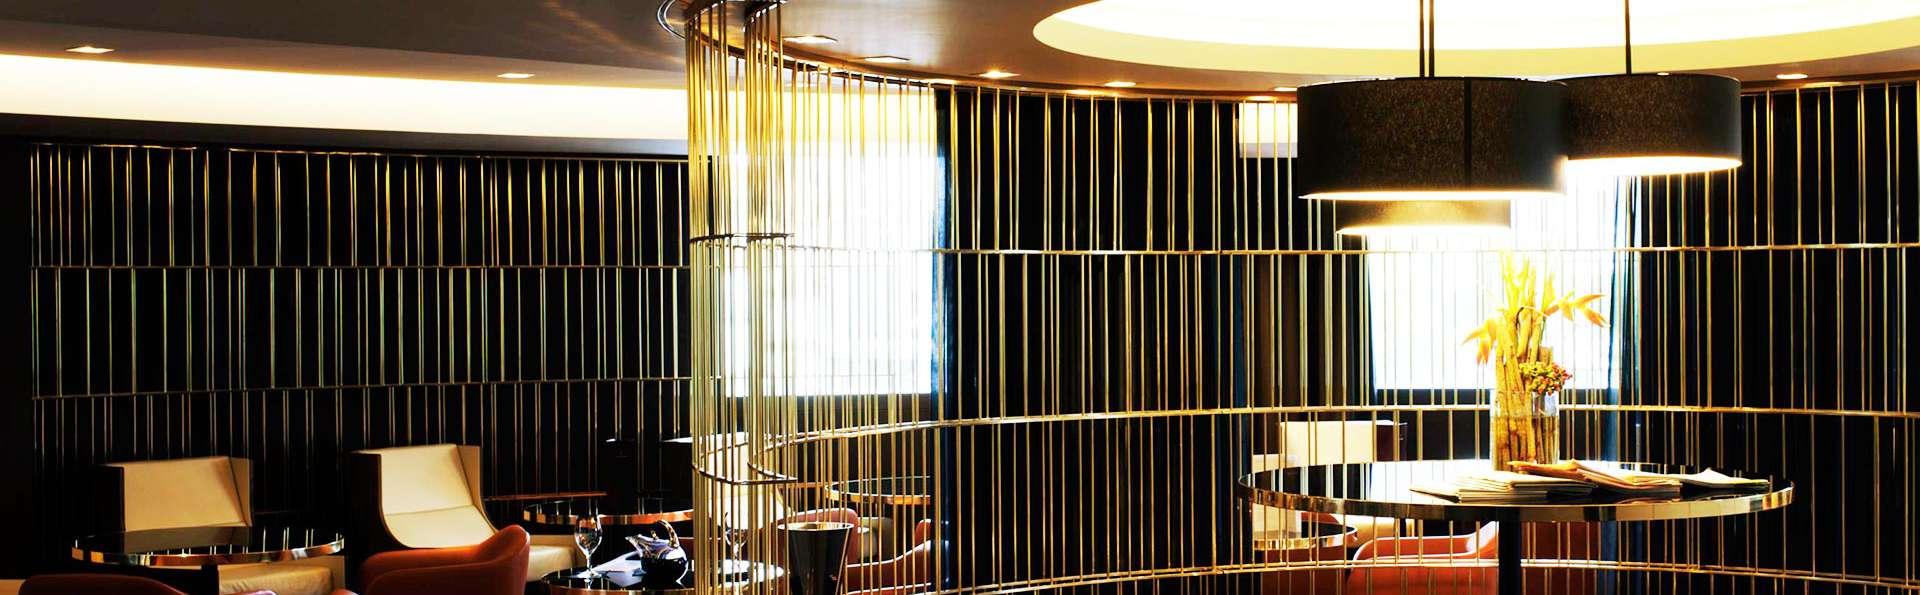 Tapas en wijn in designhotel in hoofdstad van Europa, Brussel